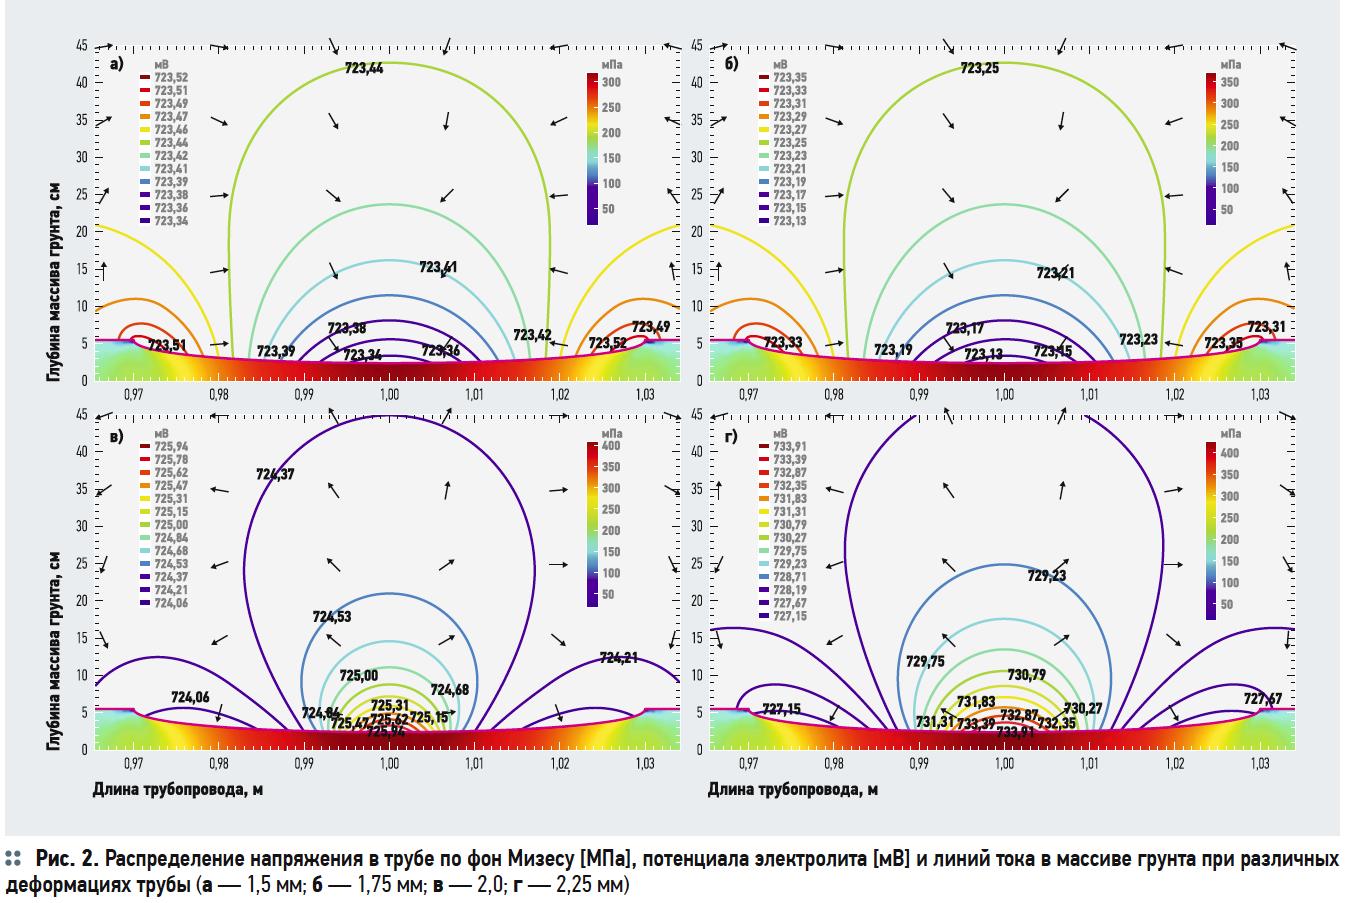 Моделирование коррозионного процесса подземных трубопроводов ЖКХ в COMSOL Multiphysics. 6/2018. Фото 3